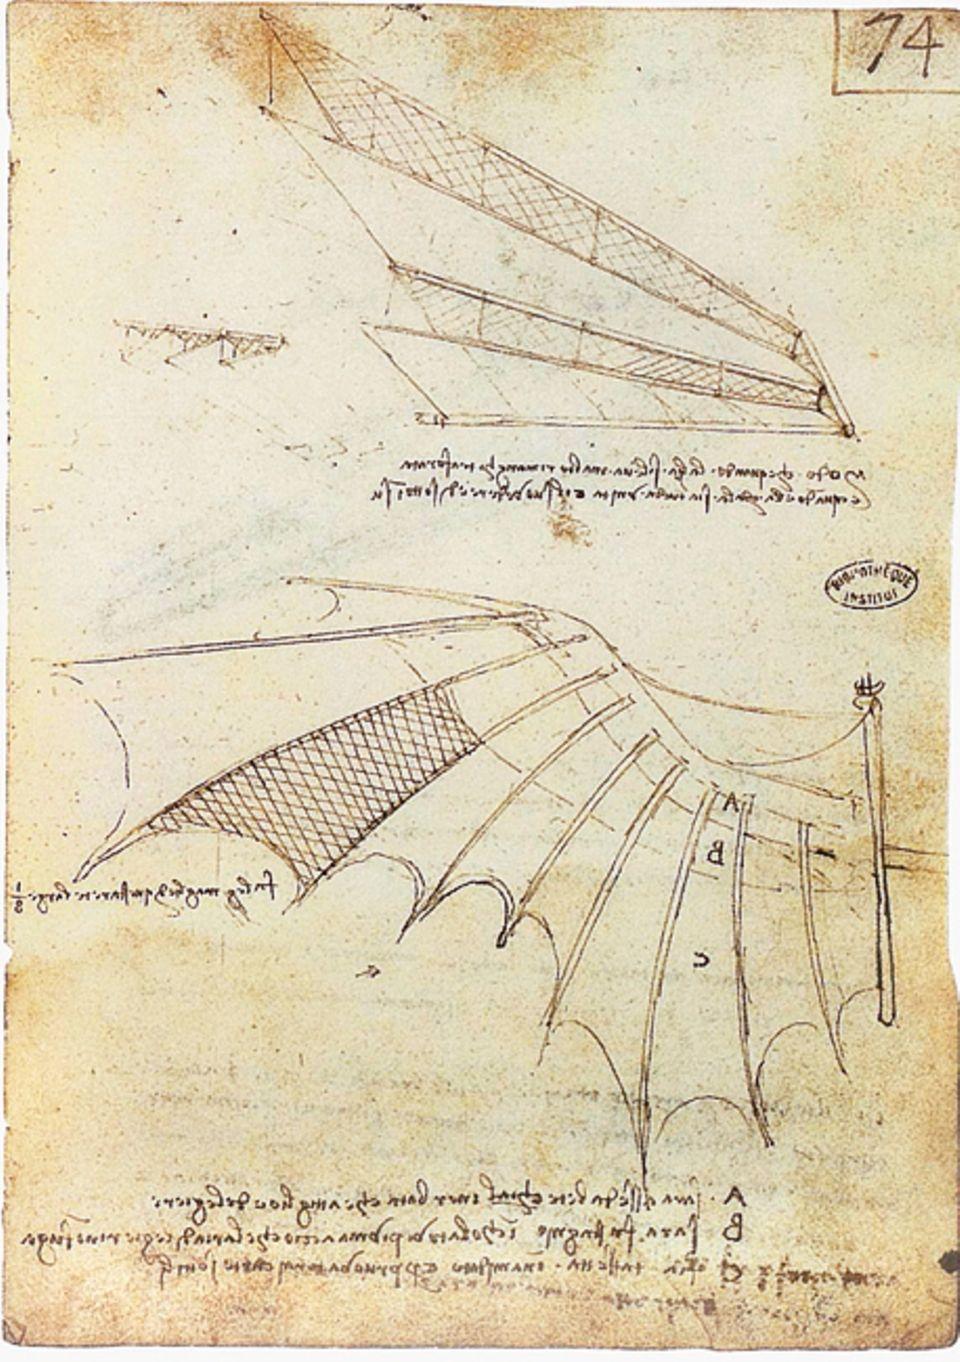 """Renaissance: """"Studien für eine Flügelgliederung"""": Mehr als 20 Meter Spannweite messen die Schwingen mancher der von Leonardo erdachten Flugapparate. Bei seinen Entwürfen orientiert er sich an der Anatomie der Fledermaus (um 1488)"""